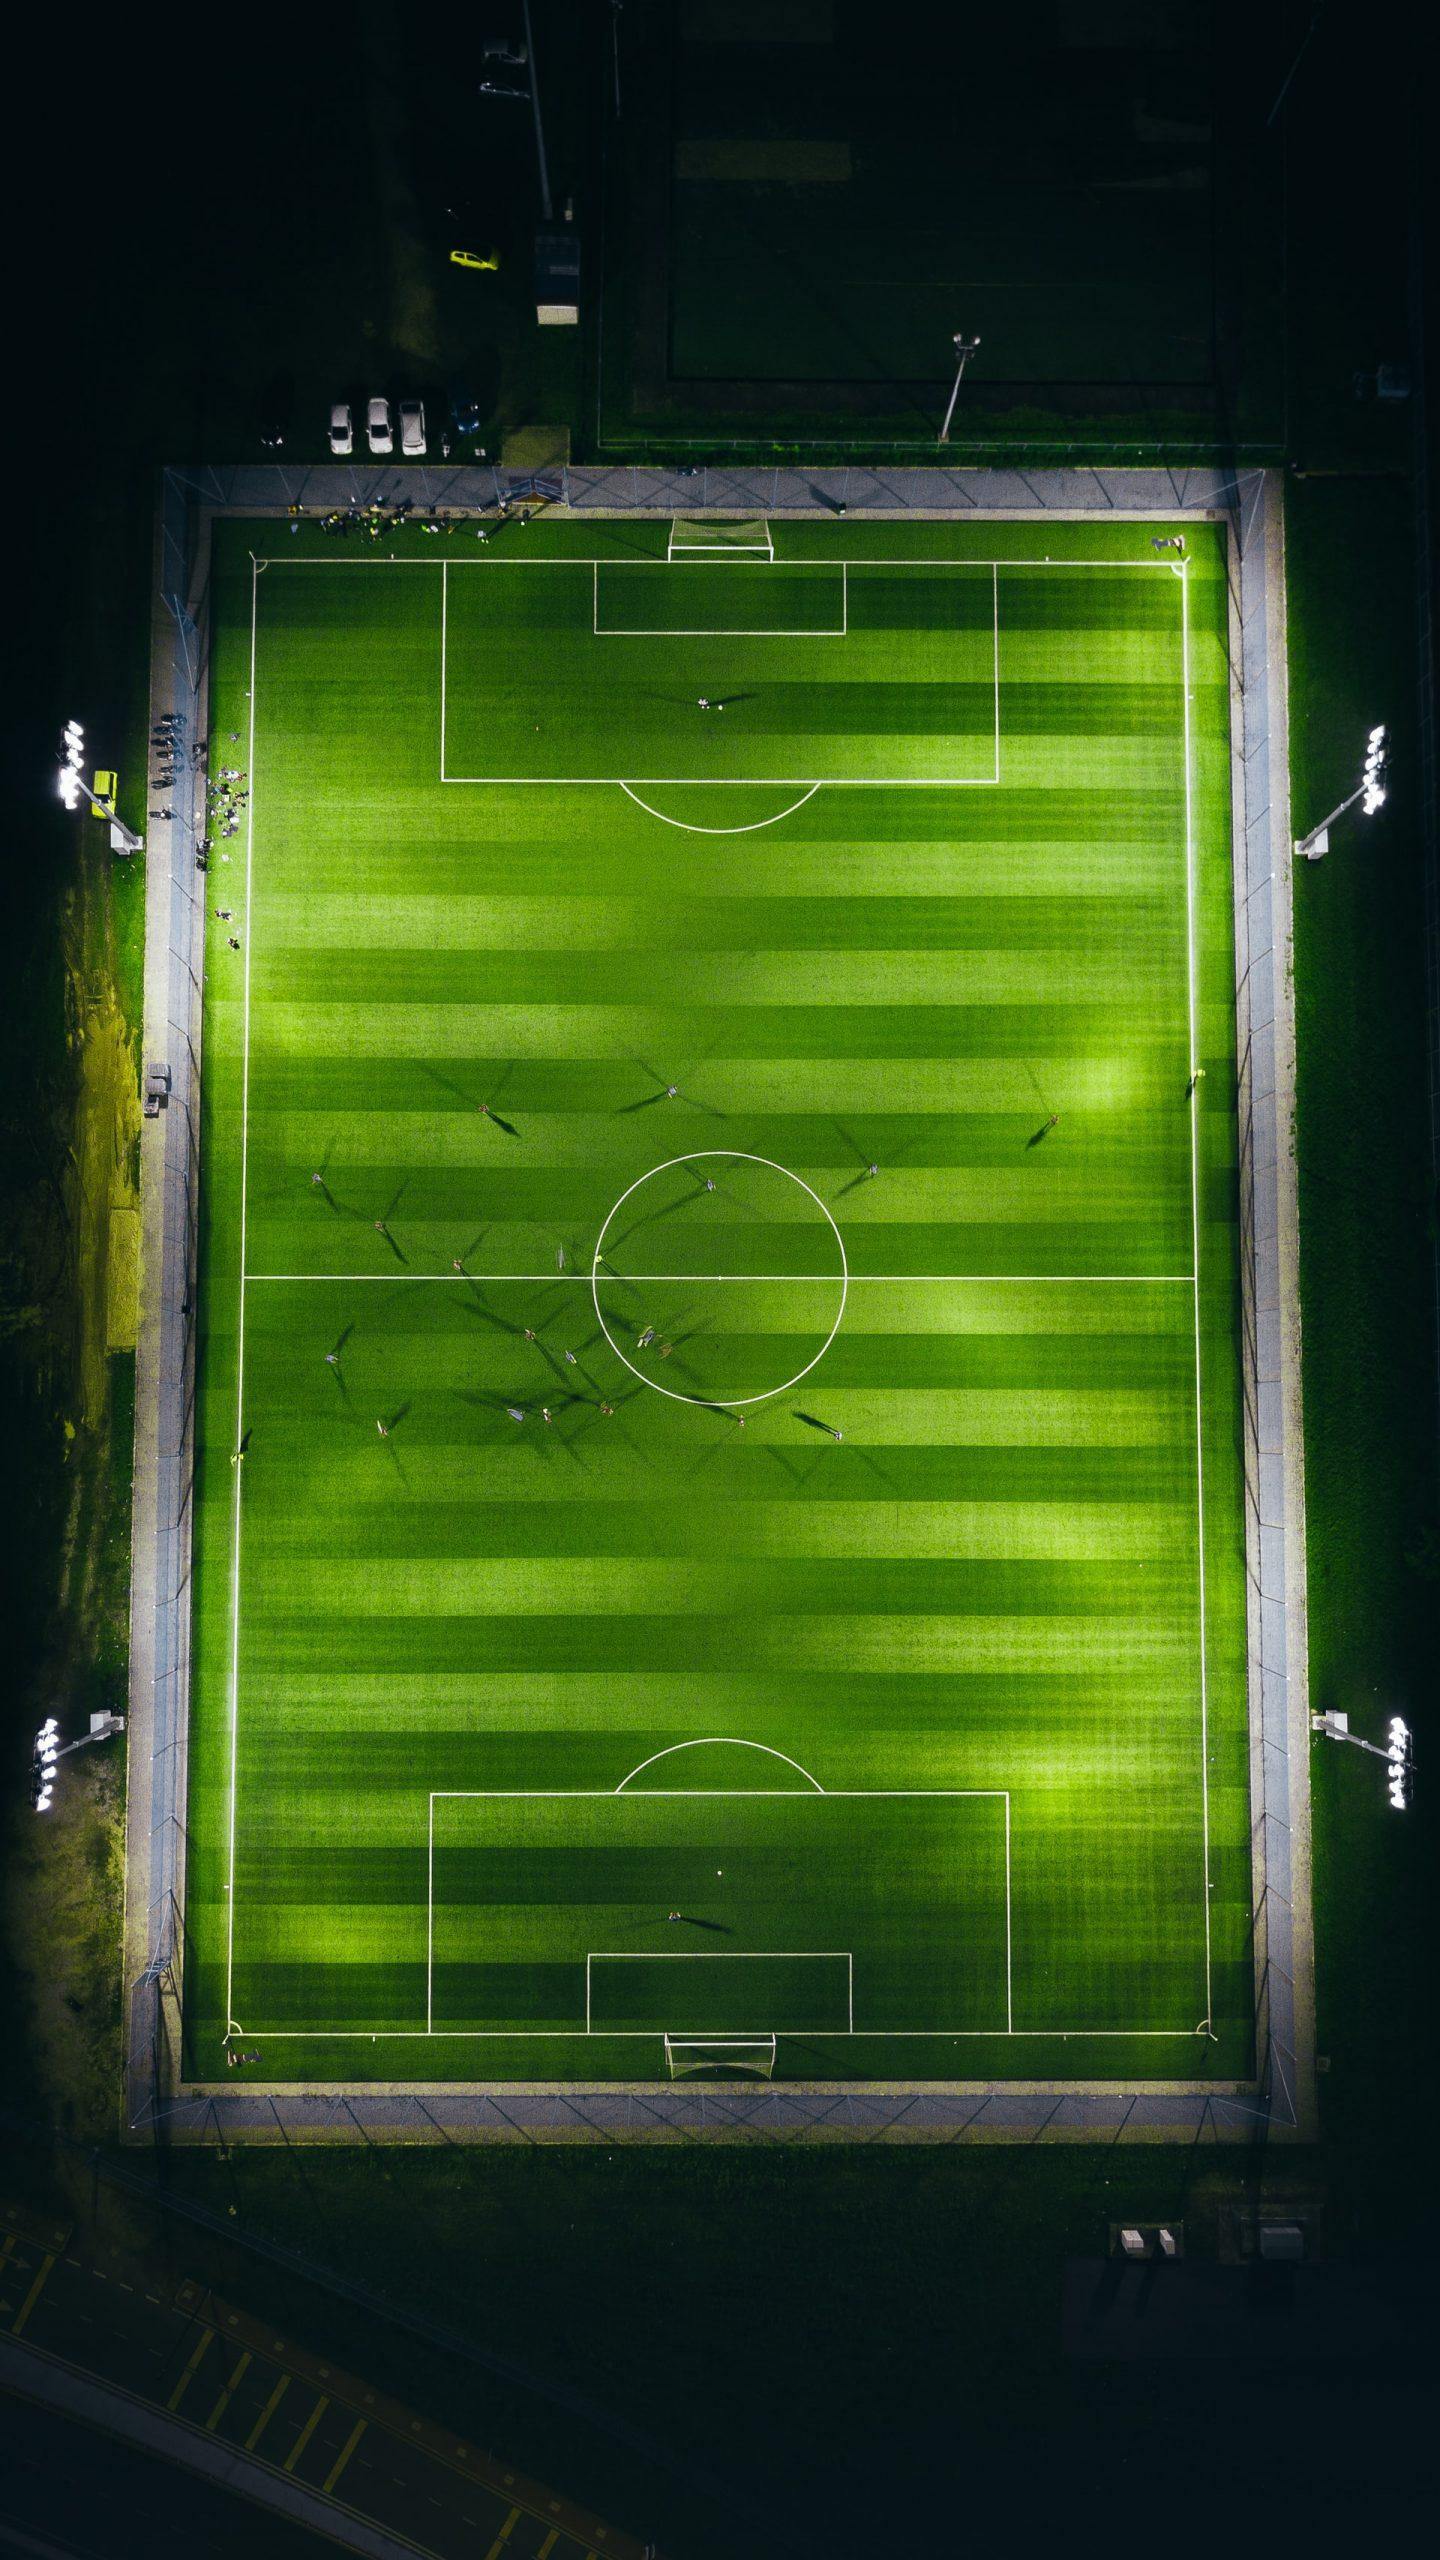 Pressing im Fußball: Auslöser des Druckspiels kann ein Eindringen des Gegners in die eigene Pressing-Zone sein